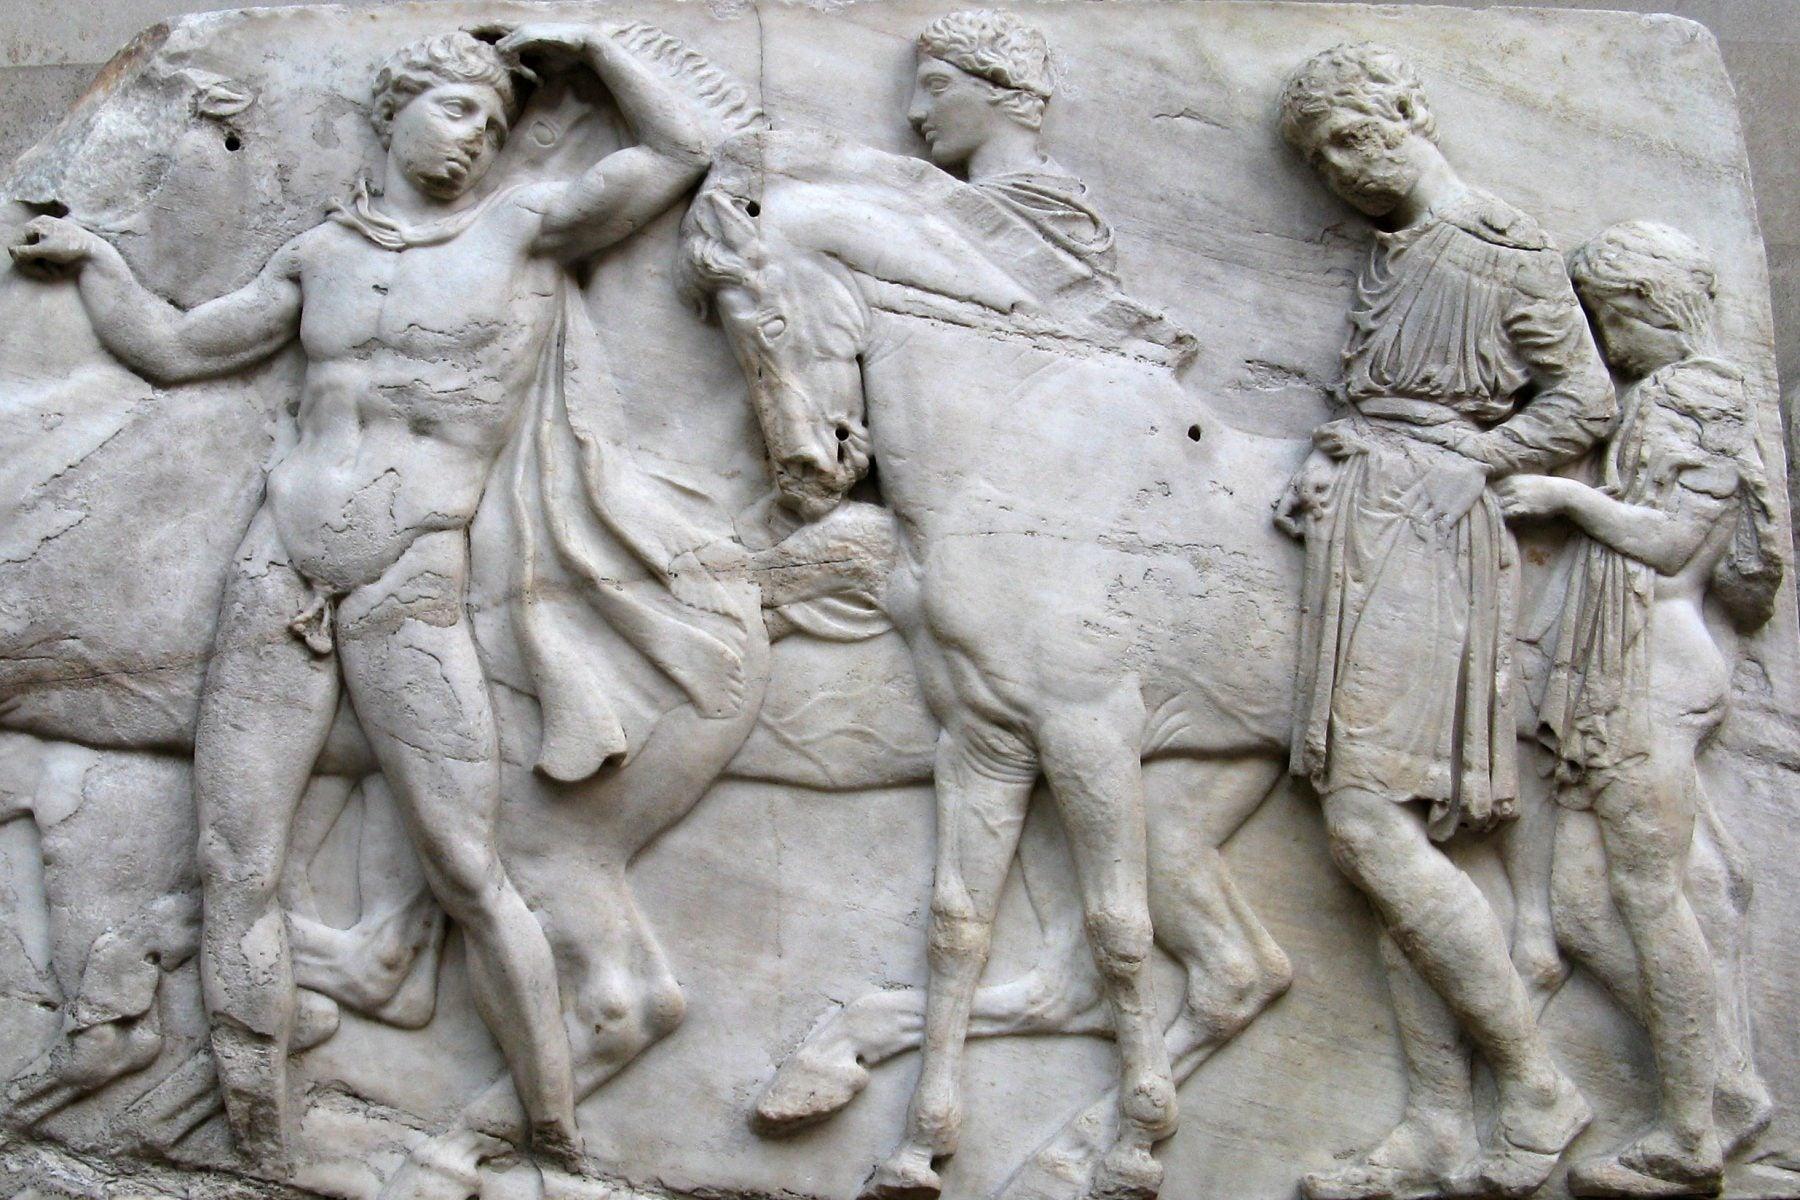 Two Horsemen, Elgin Marbles at the British Museum